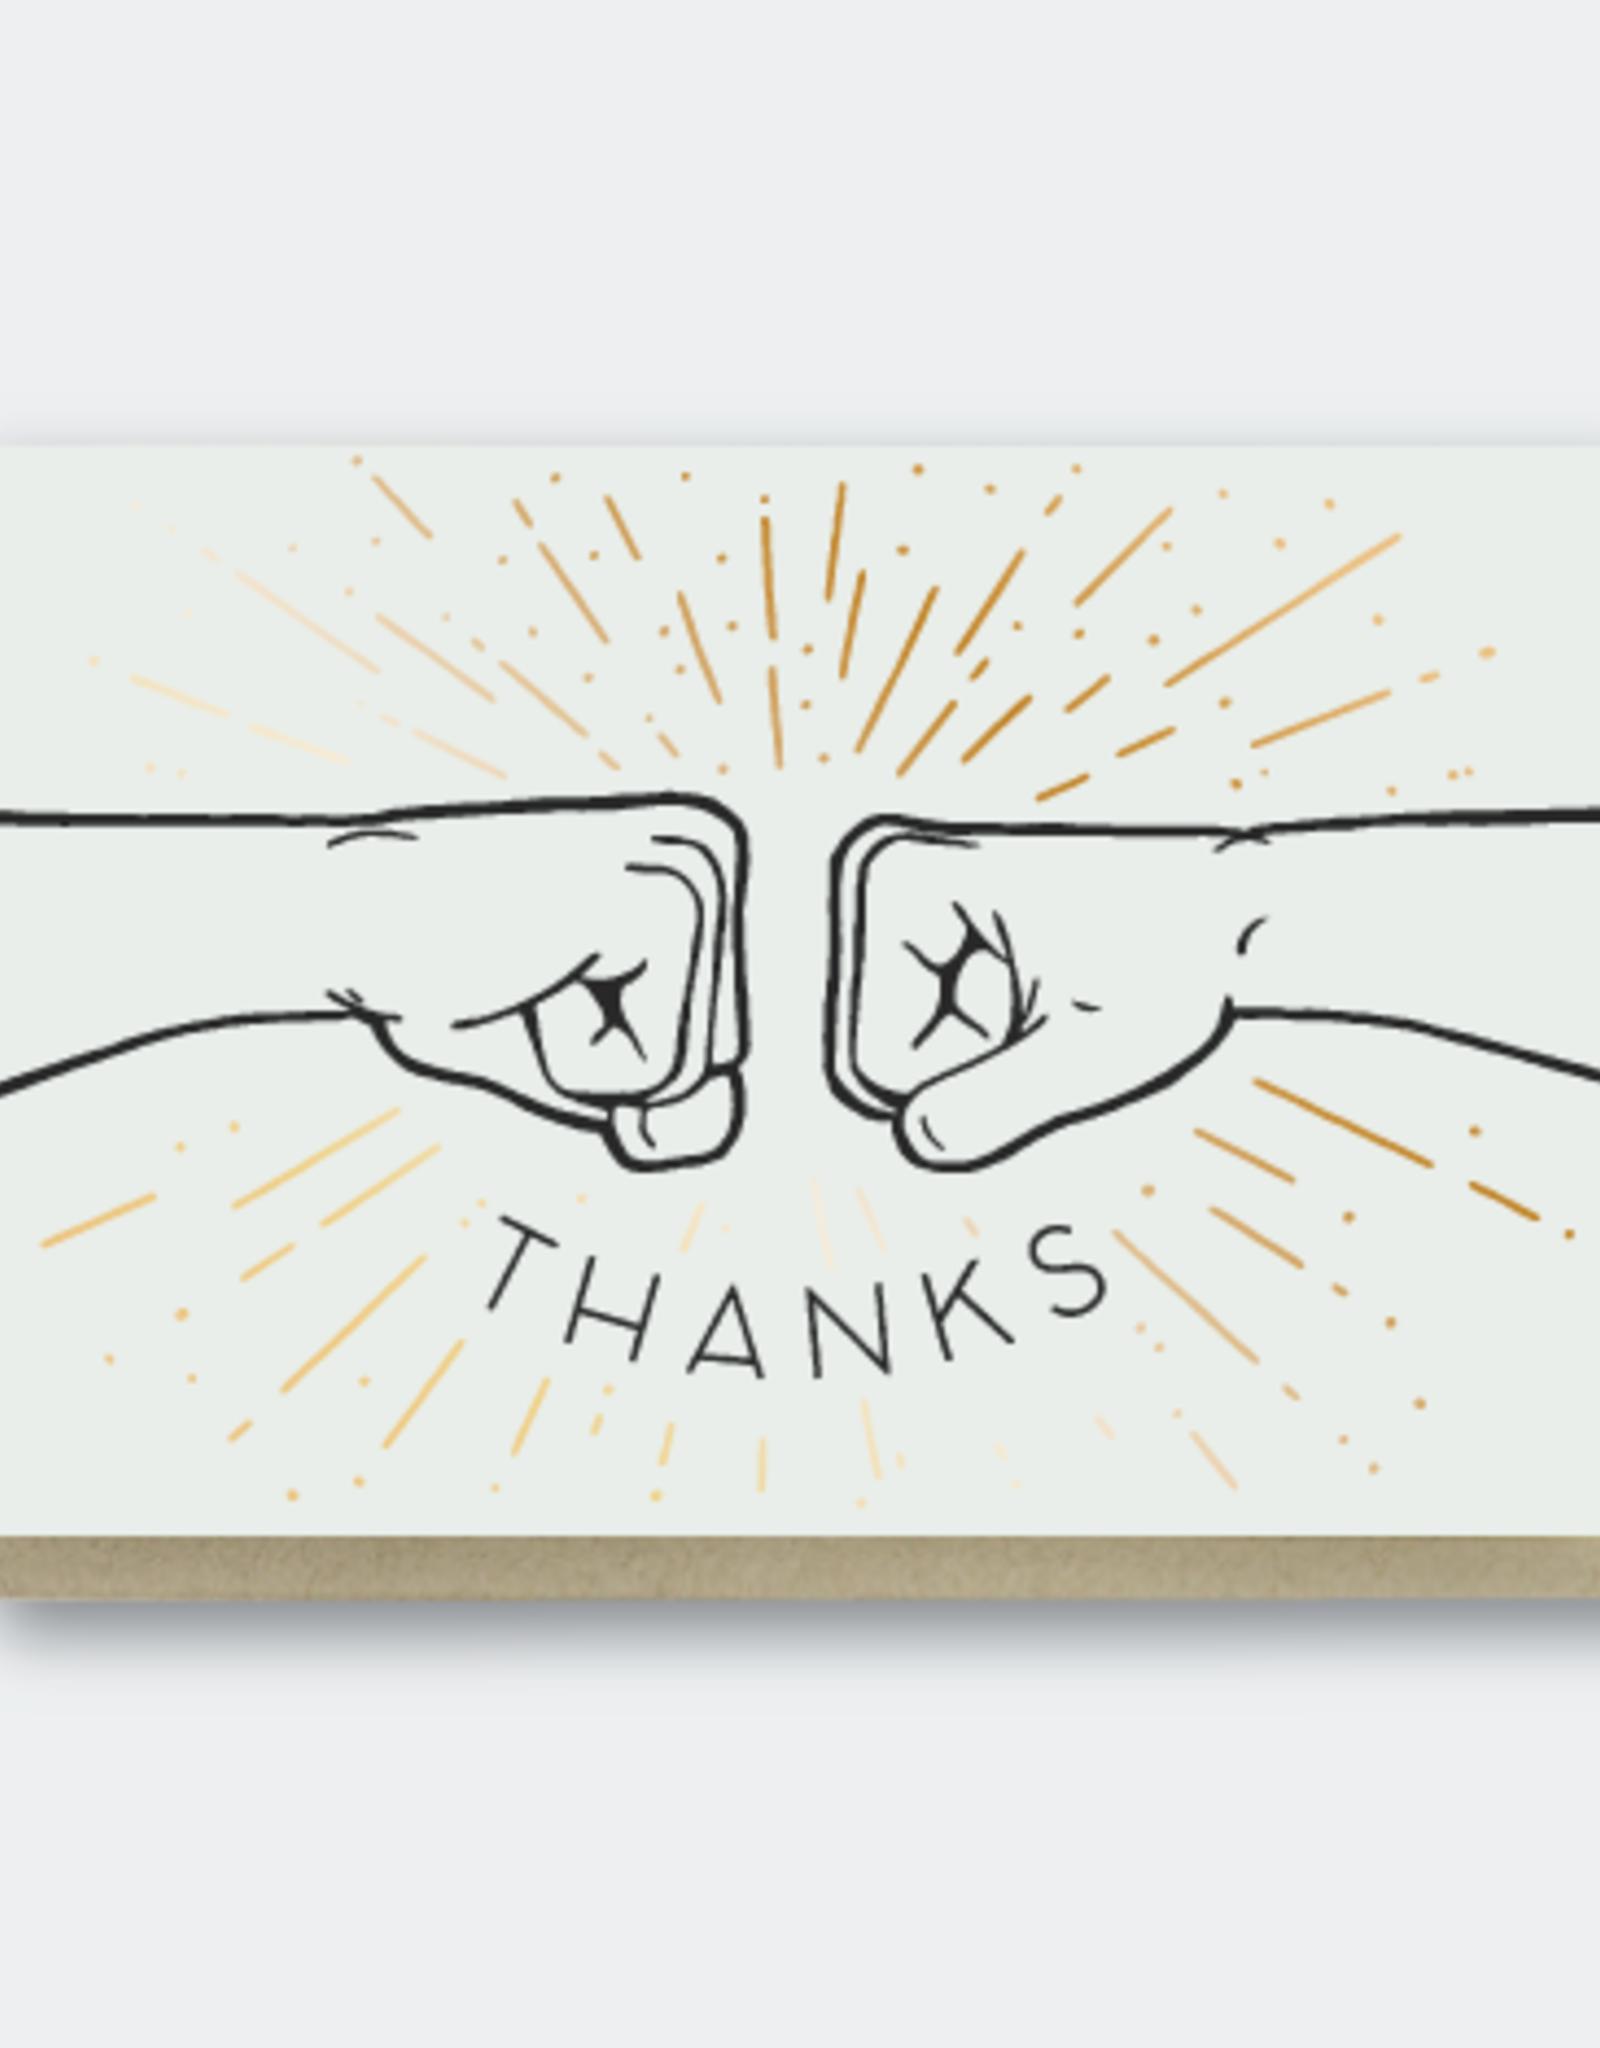 Pike Street Press Thanks (Fist Bump) Greeting Card